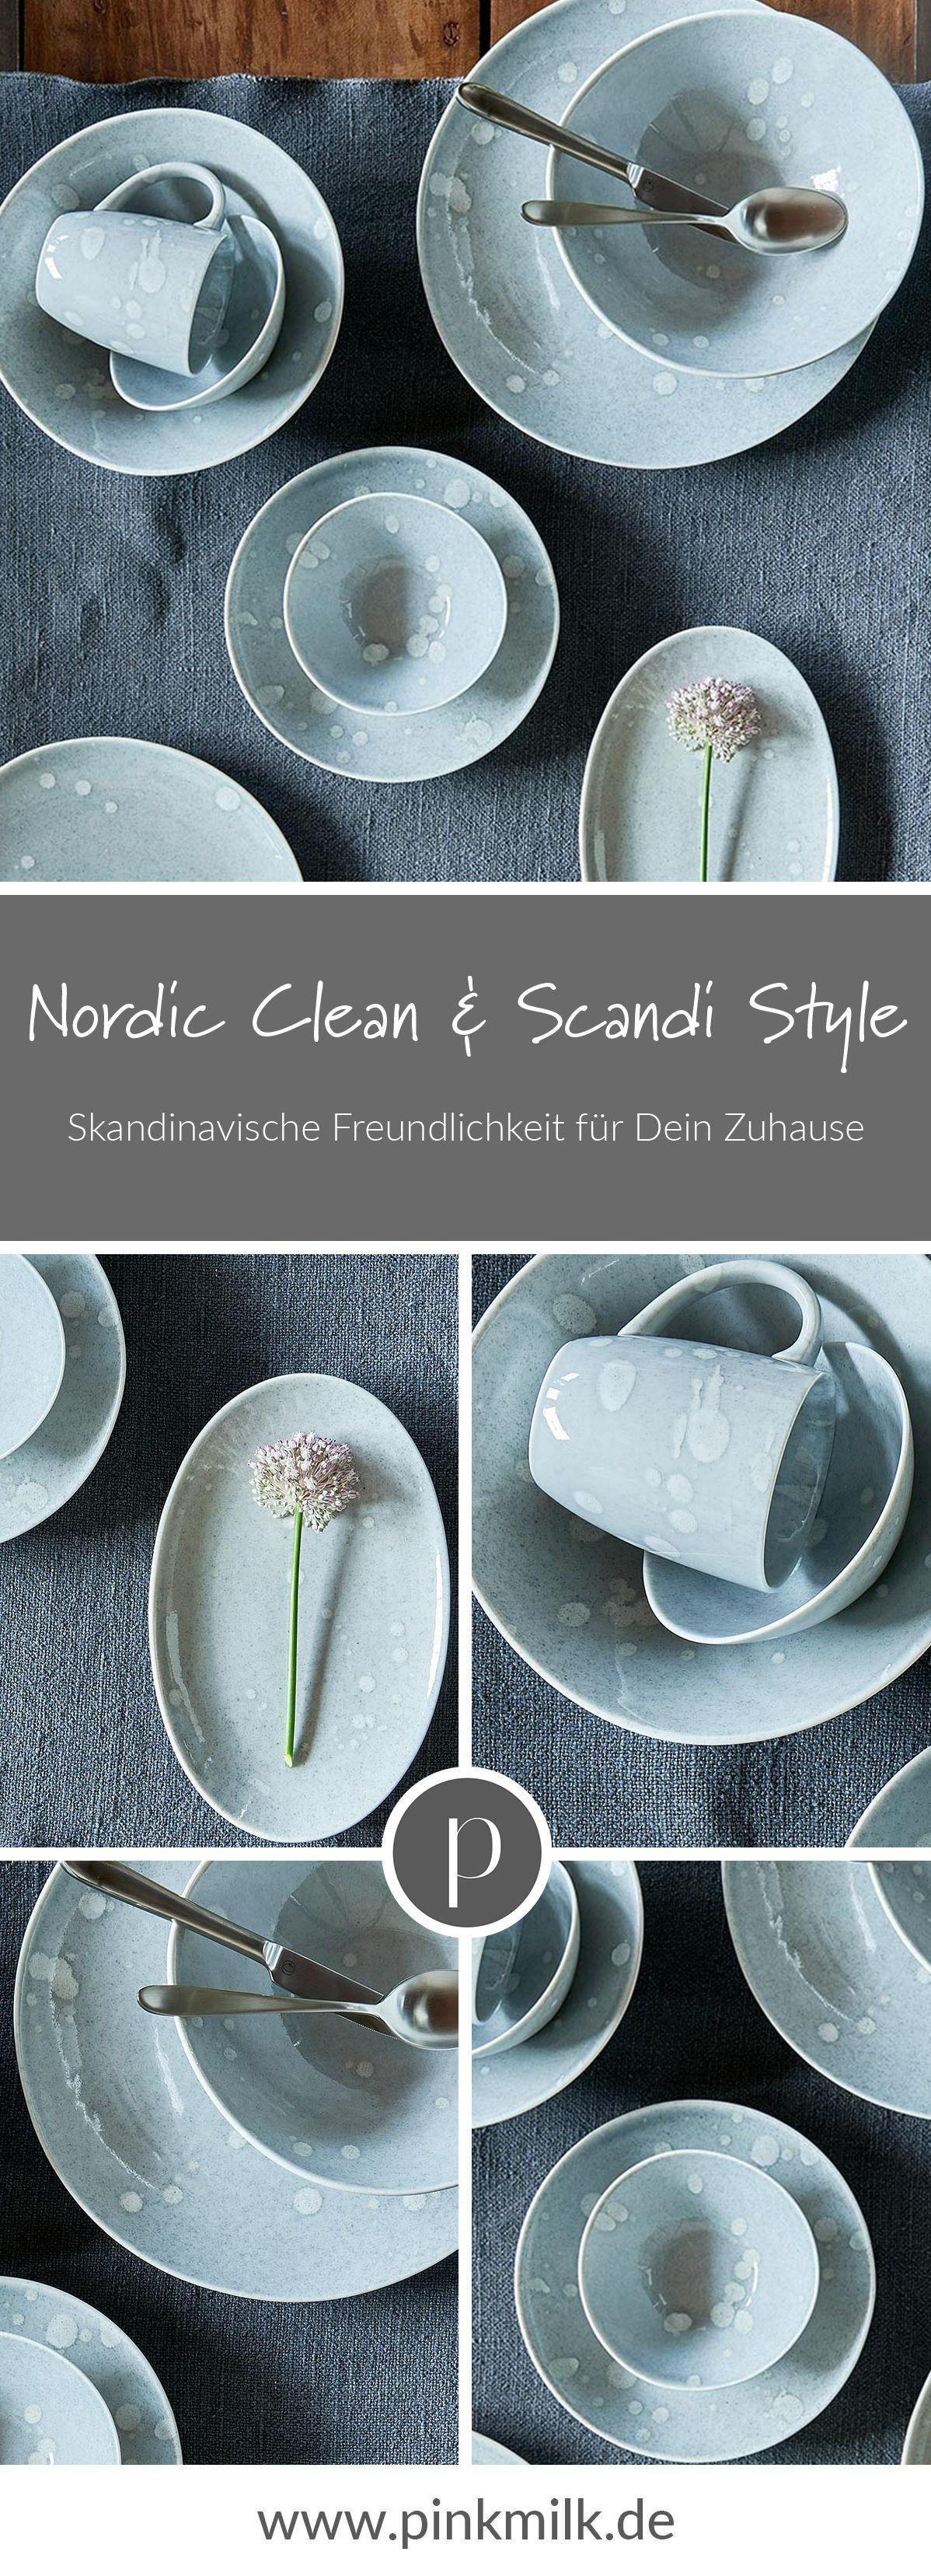 Nordic Clean & Scandi Style Wir Lieben Den L Ssigen,